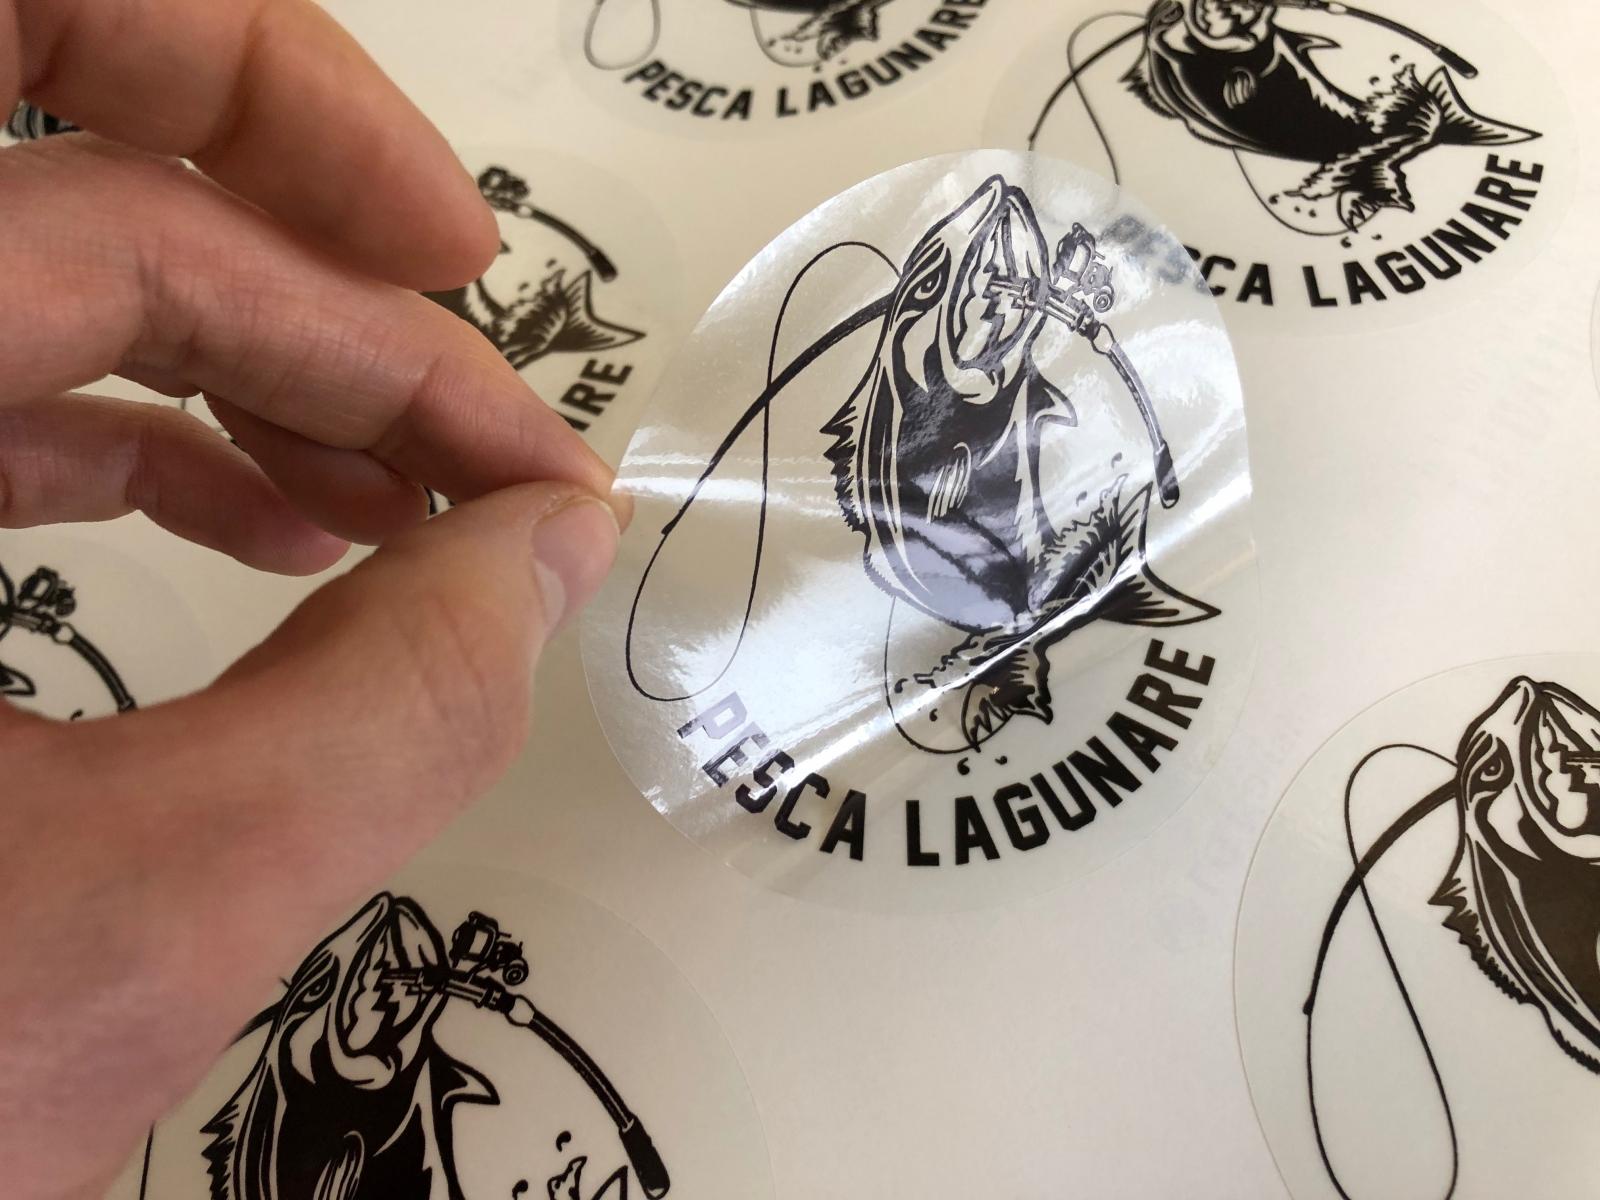 Stampa etichette adesive trasparenti, adesivi trasparenti